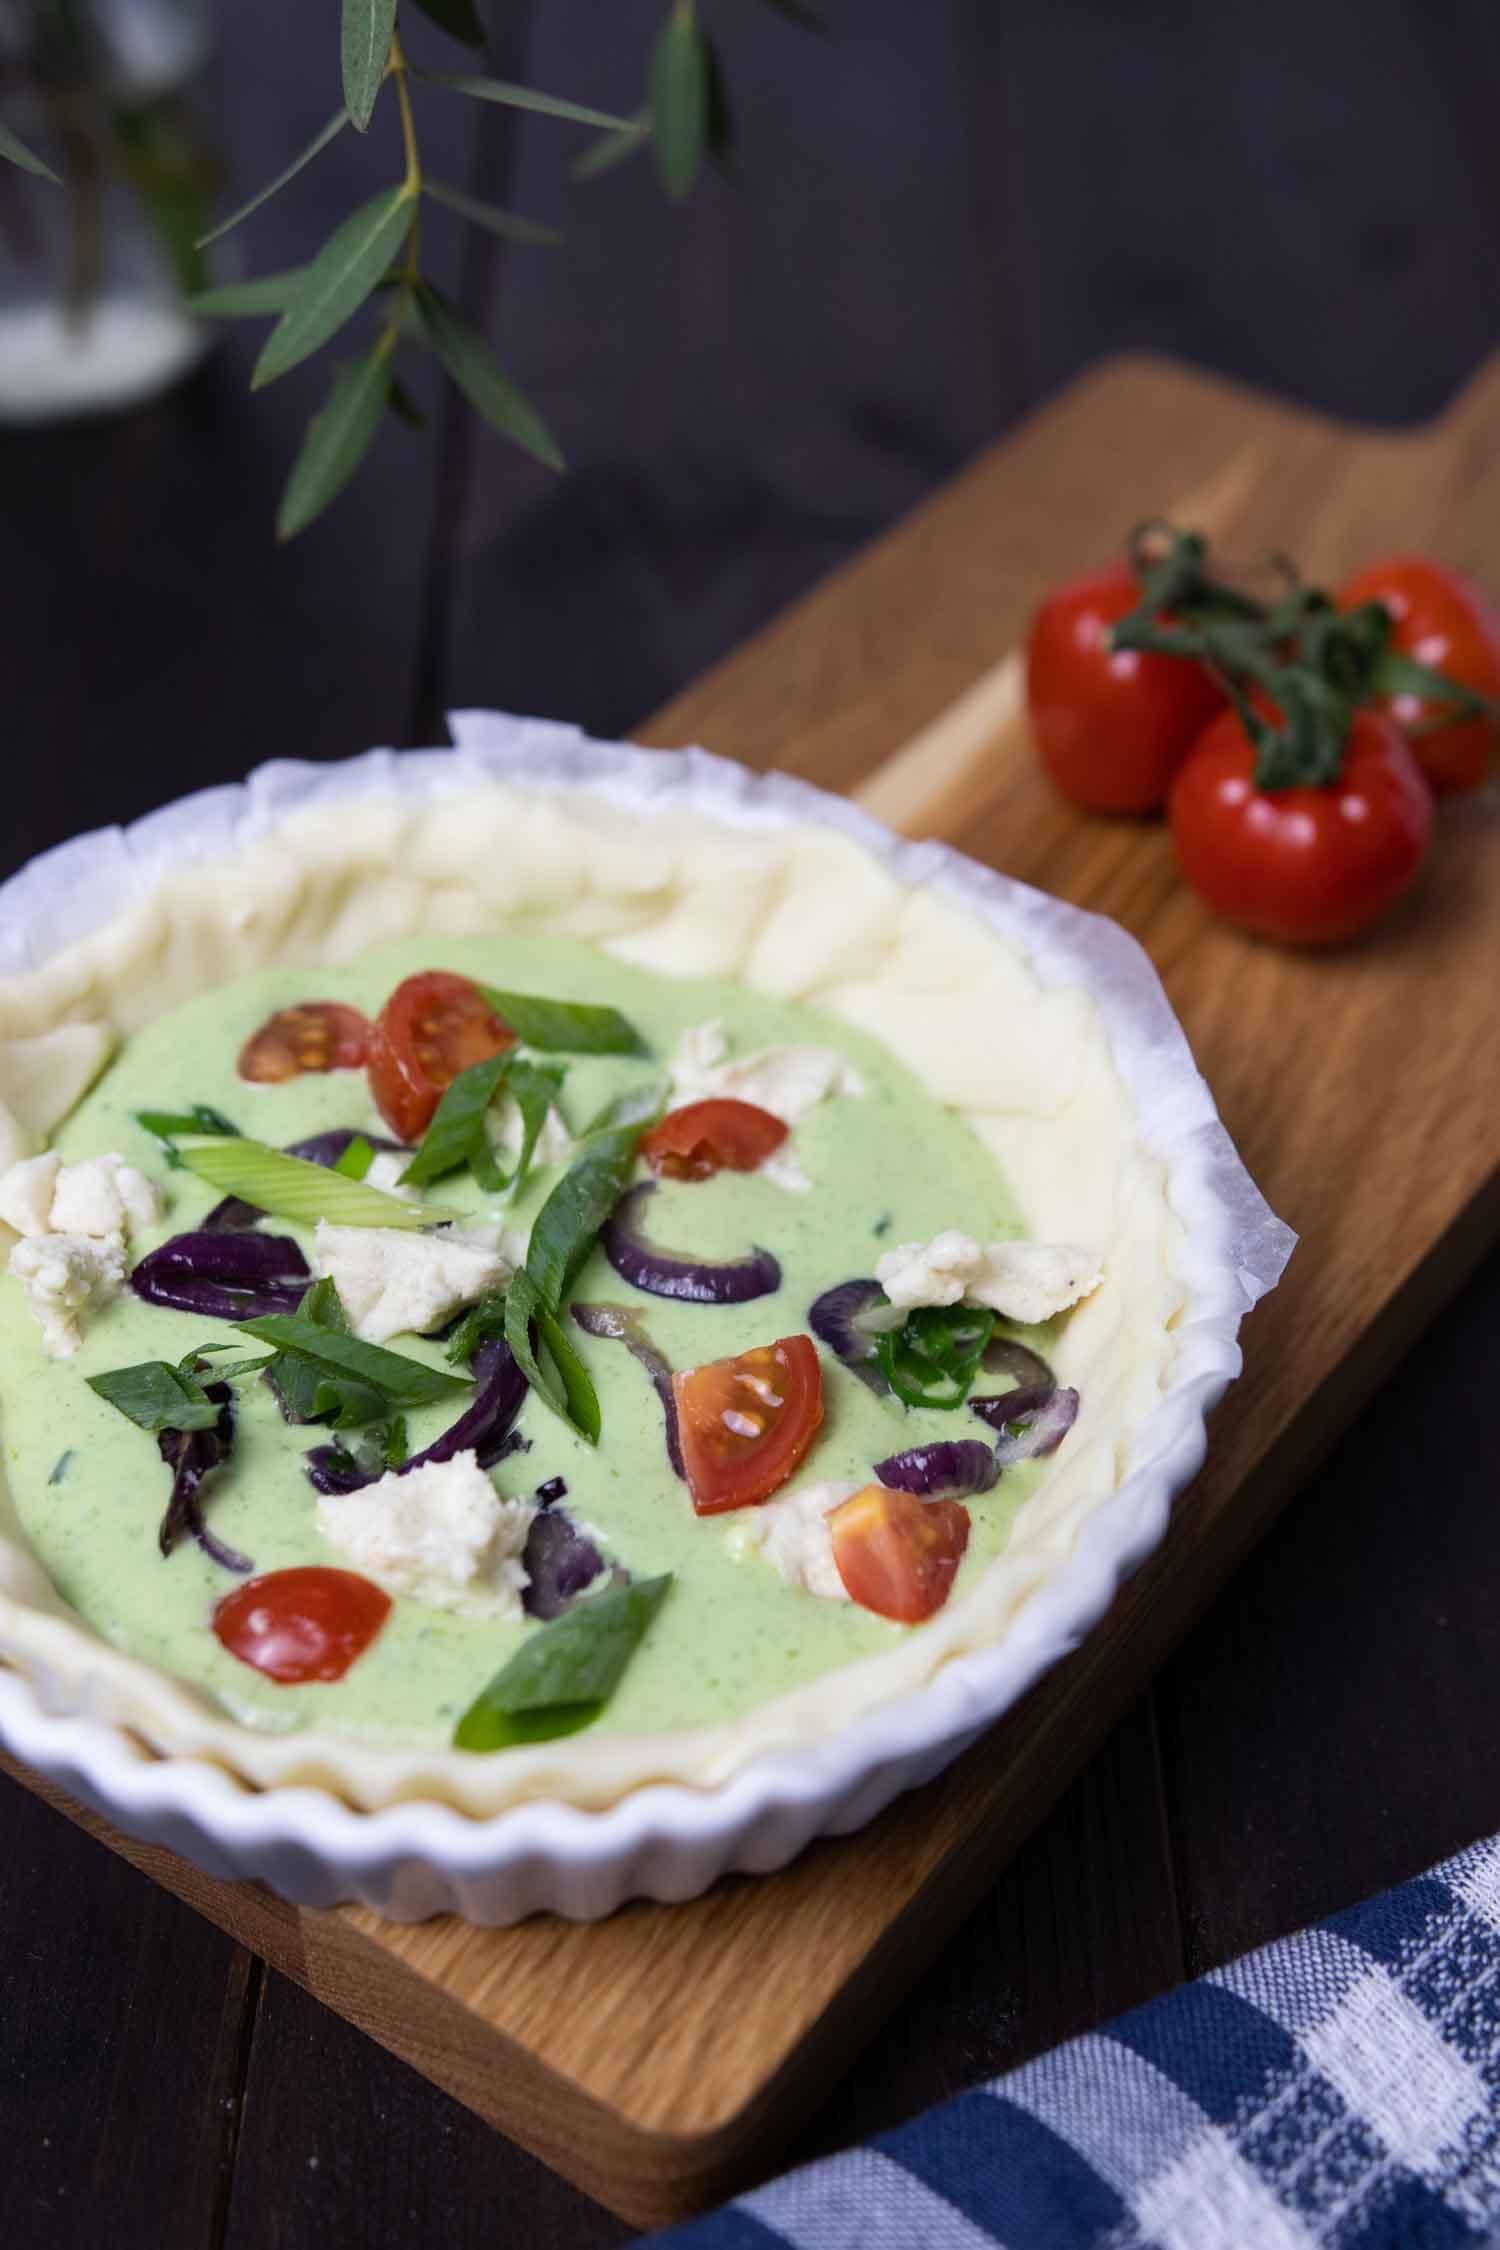 Vegane Quiche wird mit Bärlauch und Gemüse gefüllt